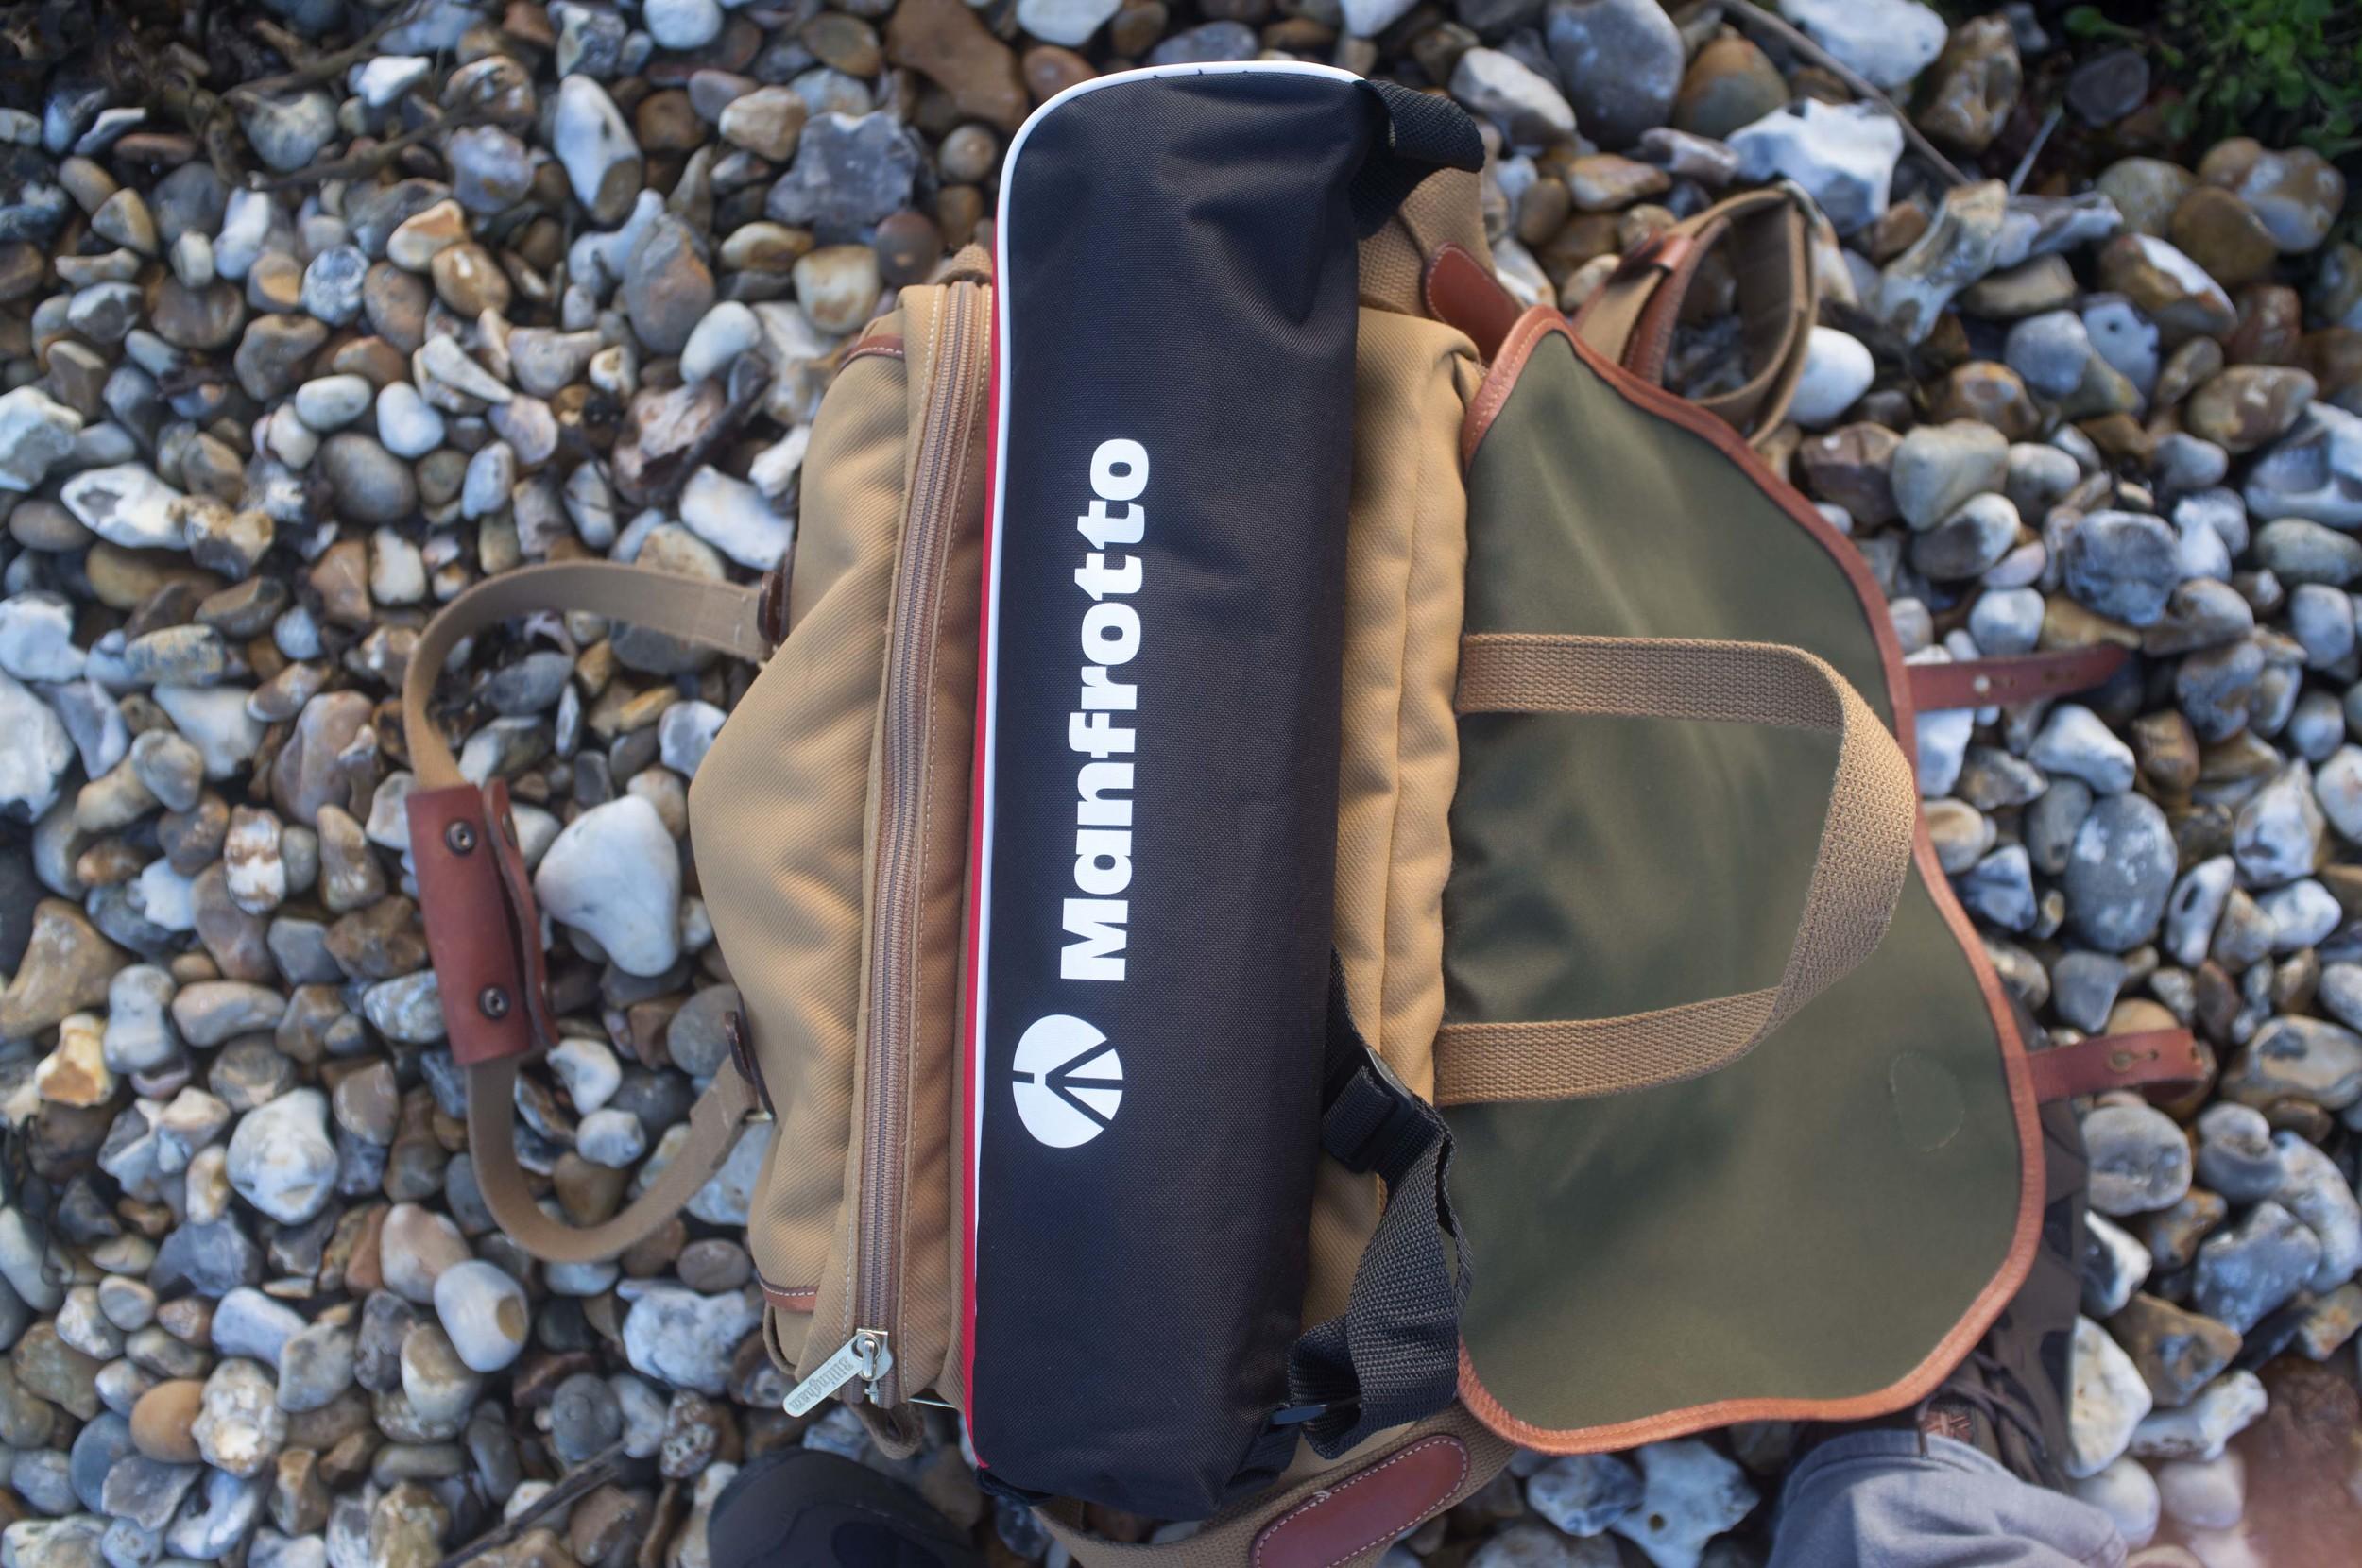 Folded up and sitting on Billingham 335 bag